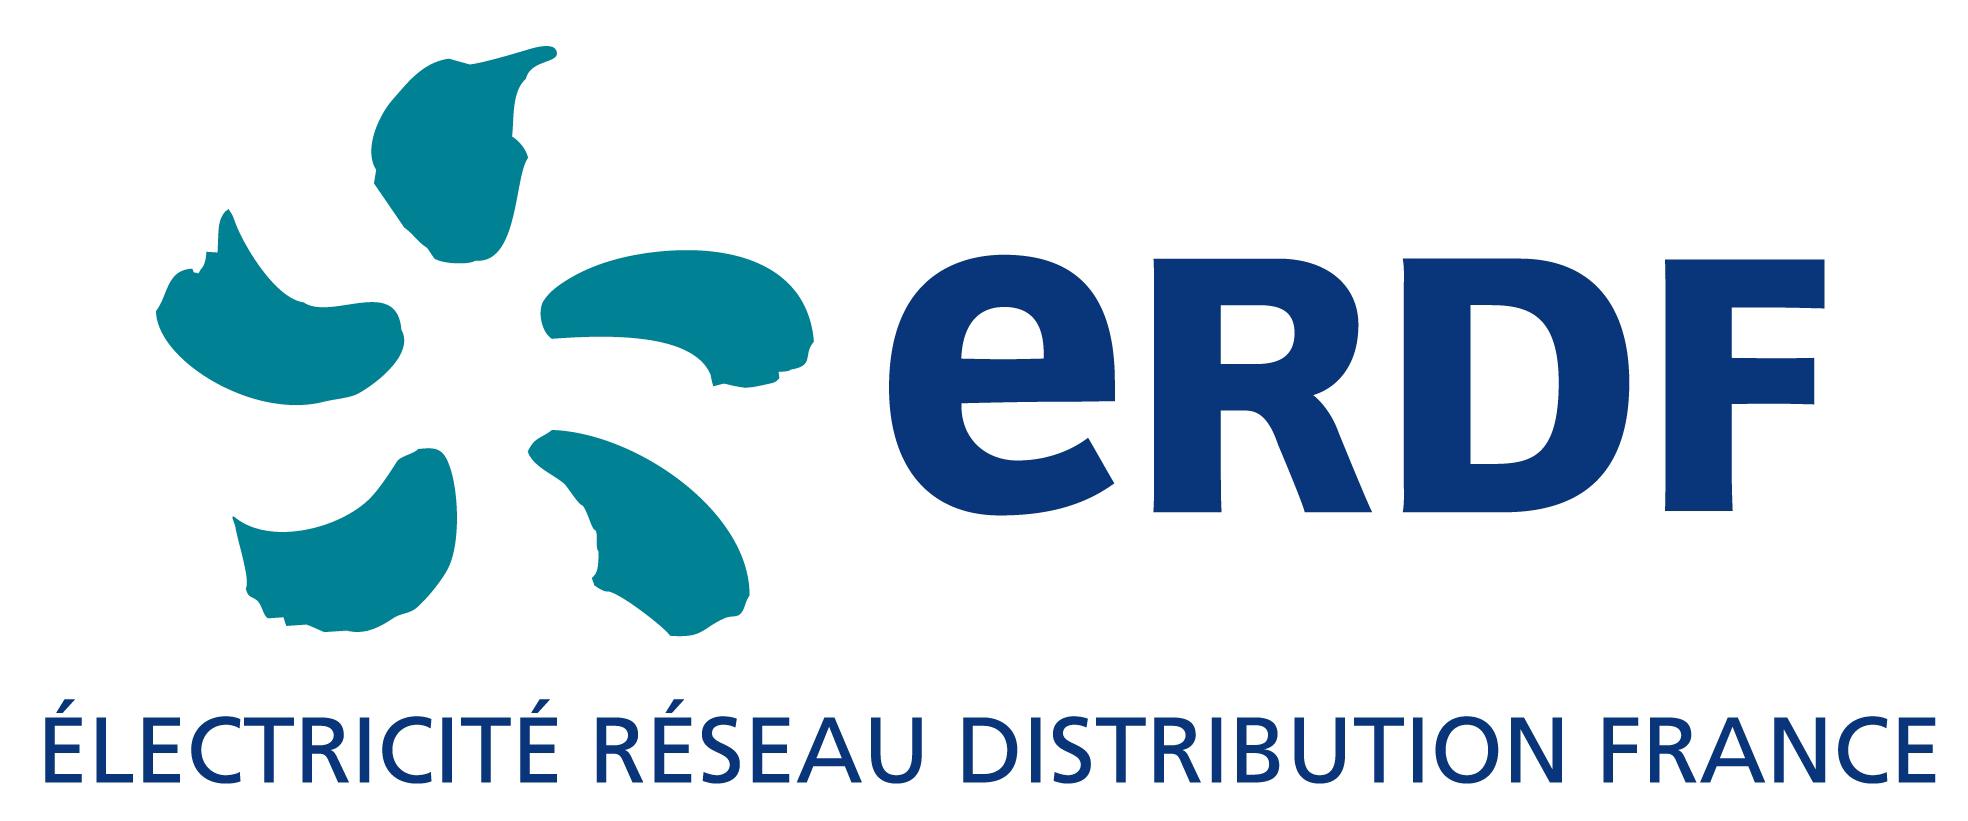 Lancement concours Technicien ERDF 3.0 - 27 avril 2015 à Tarbes